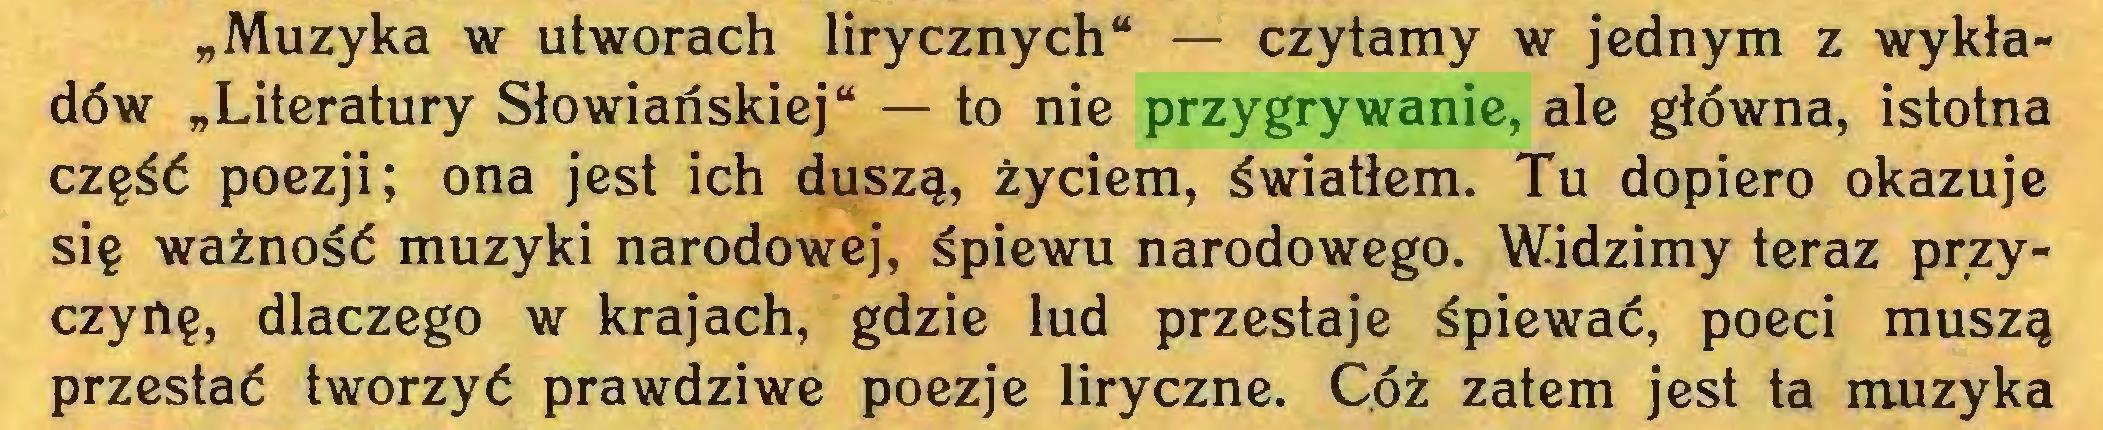 """(...) """"Muzyka w utworach lirycznych"""" — czytamy w jednym z wykładów """"Literatury Słowiańskiej"""" — to nie przygrywanie, ale główna, istotna część poezji; ona jest ich duszą, życiem, światłem. Tu dopiero okazuje się ważność muzyki narodowej, śpiewu narodowego. Widzimy teraz przyczynę, dlaczego w krajach, gdzie lud przestaje śpiewać, poeci muszą przestać tworzyć prawdziwe poezje liryczne. Cóż zatem jest ta muzyka..."""